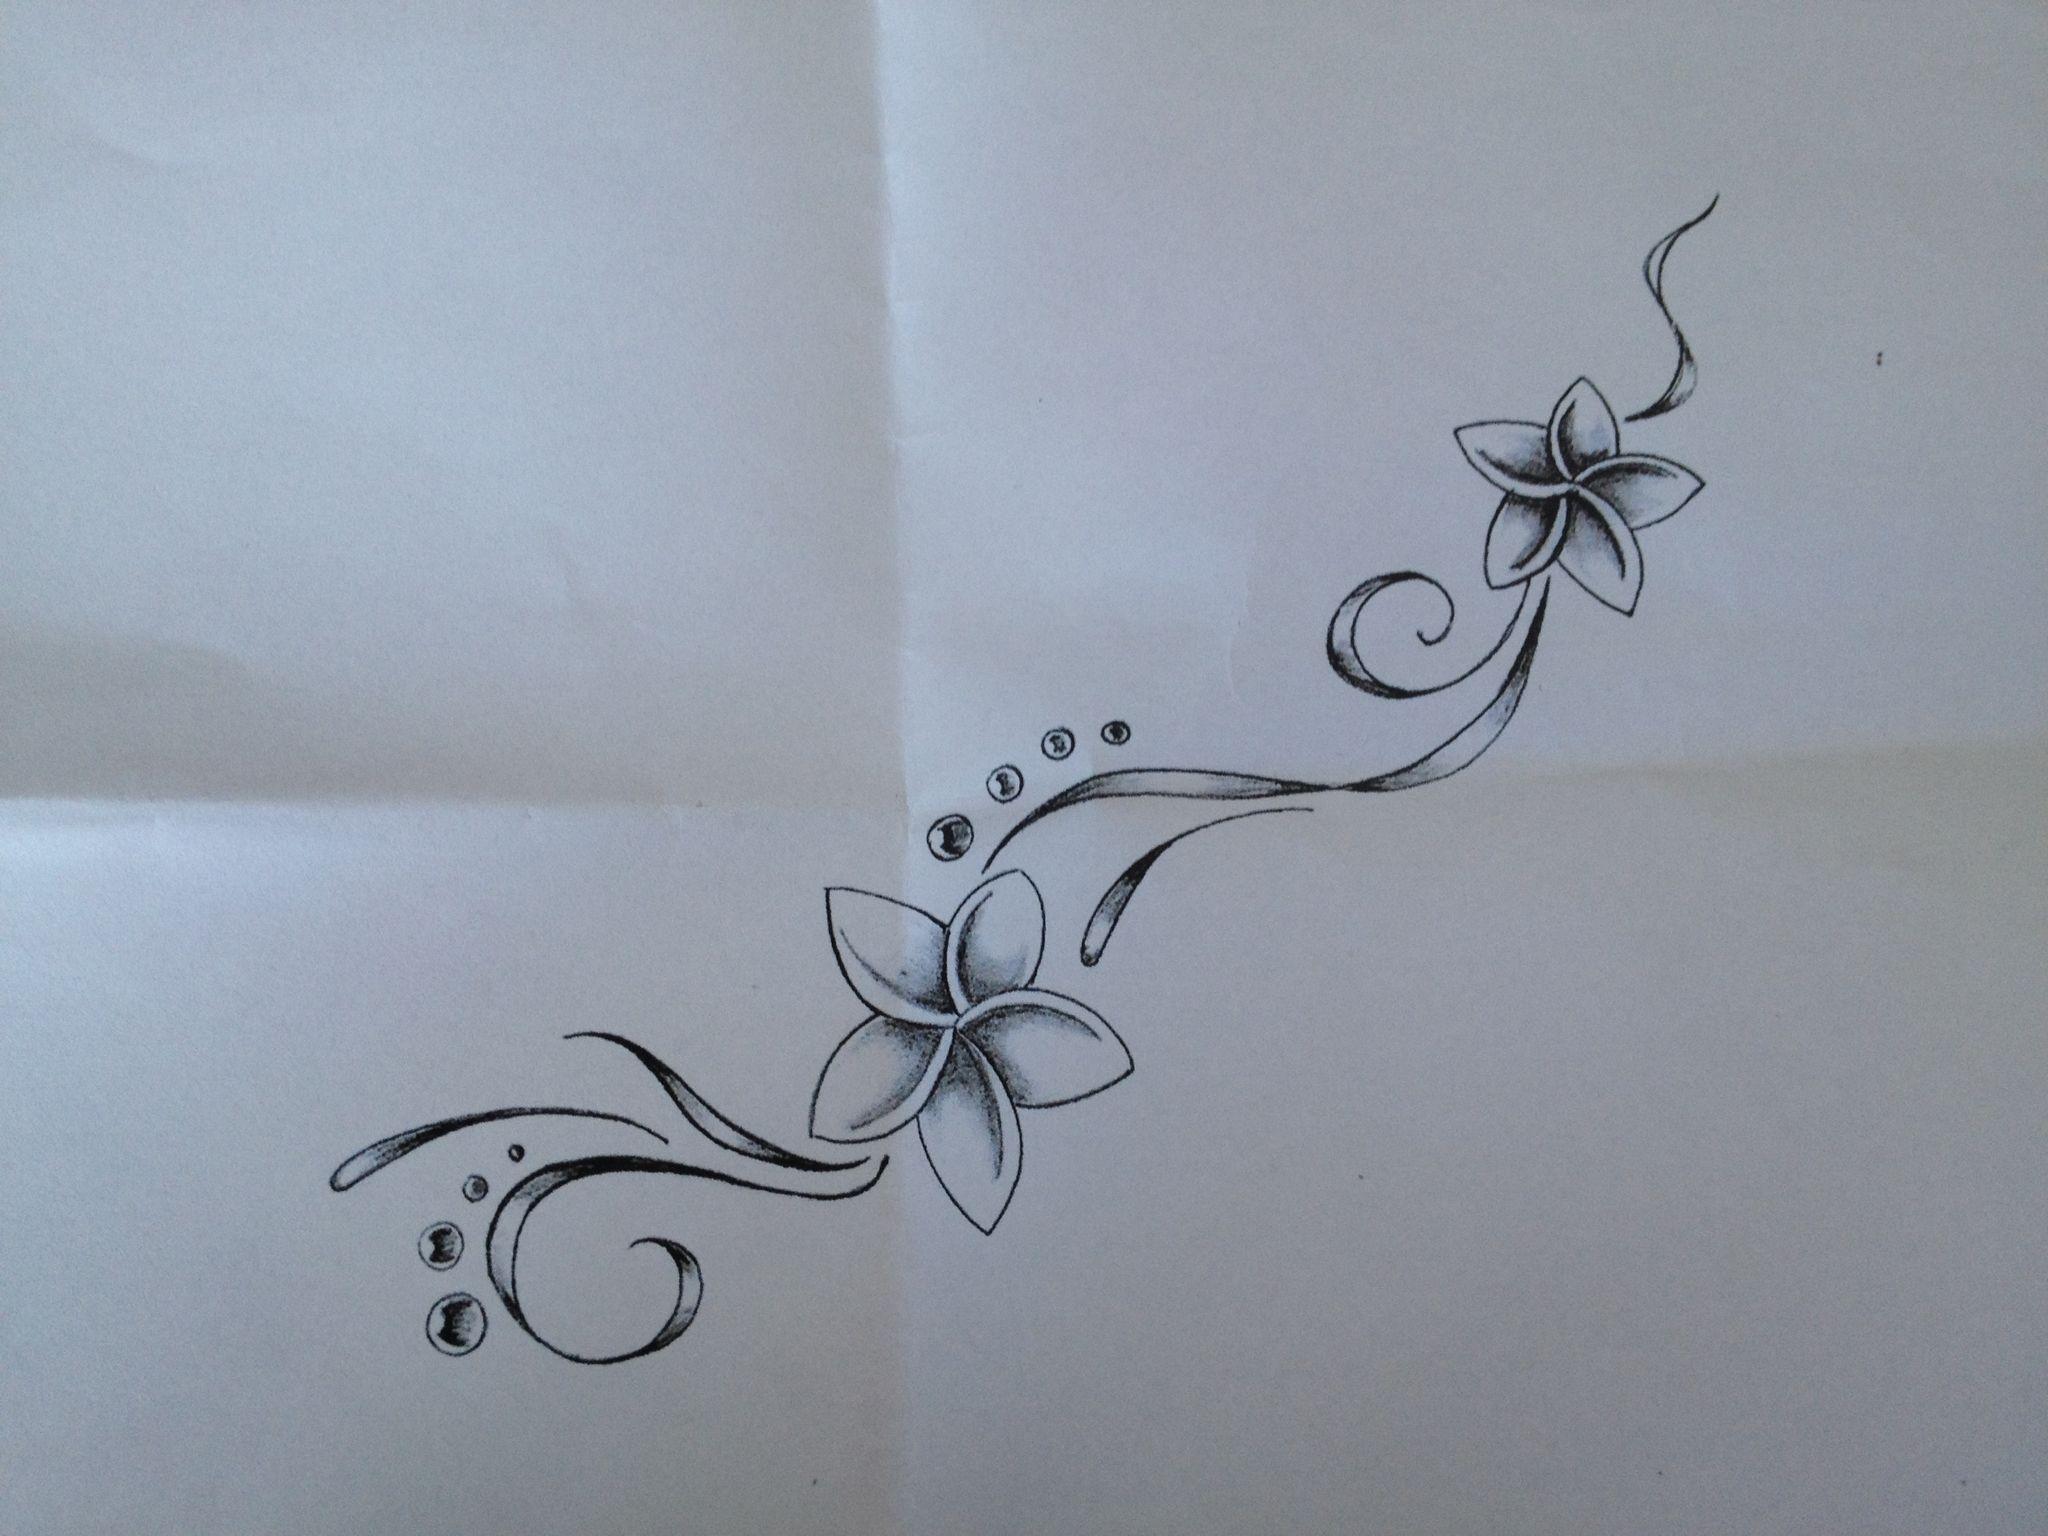 Ce tattoo sera bientot grave sur mon pied et ma cheville je vous 20141030190839 54528cb79d2d1 - Tatouage cheville fleur ...